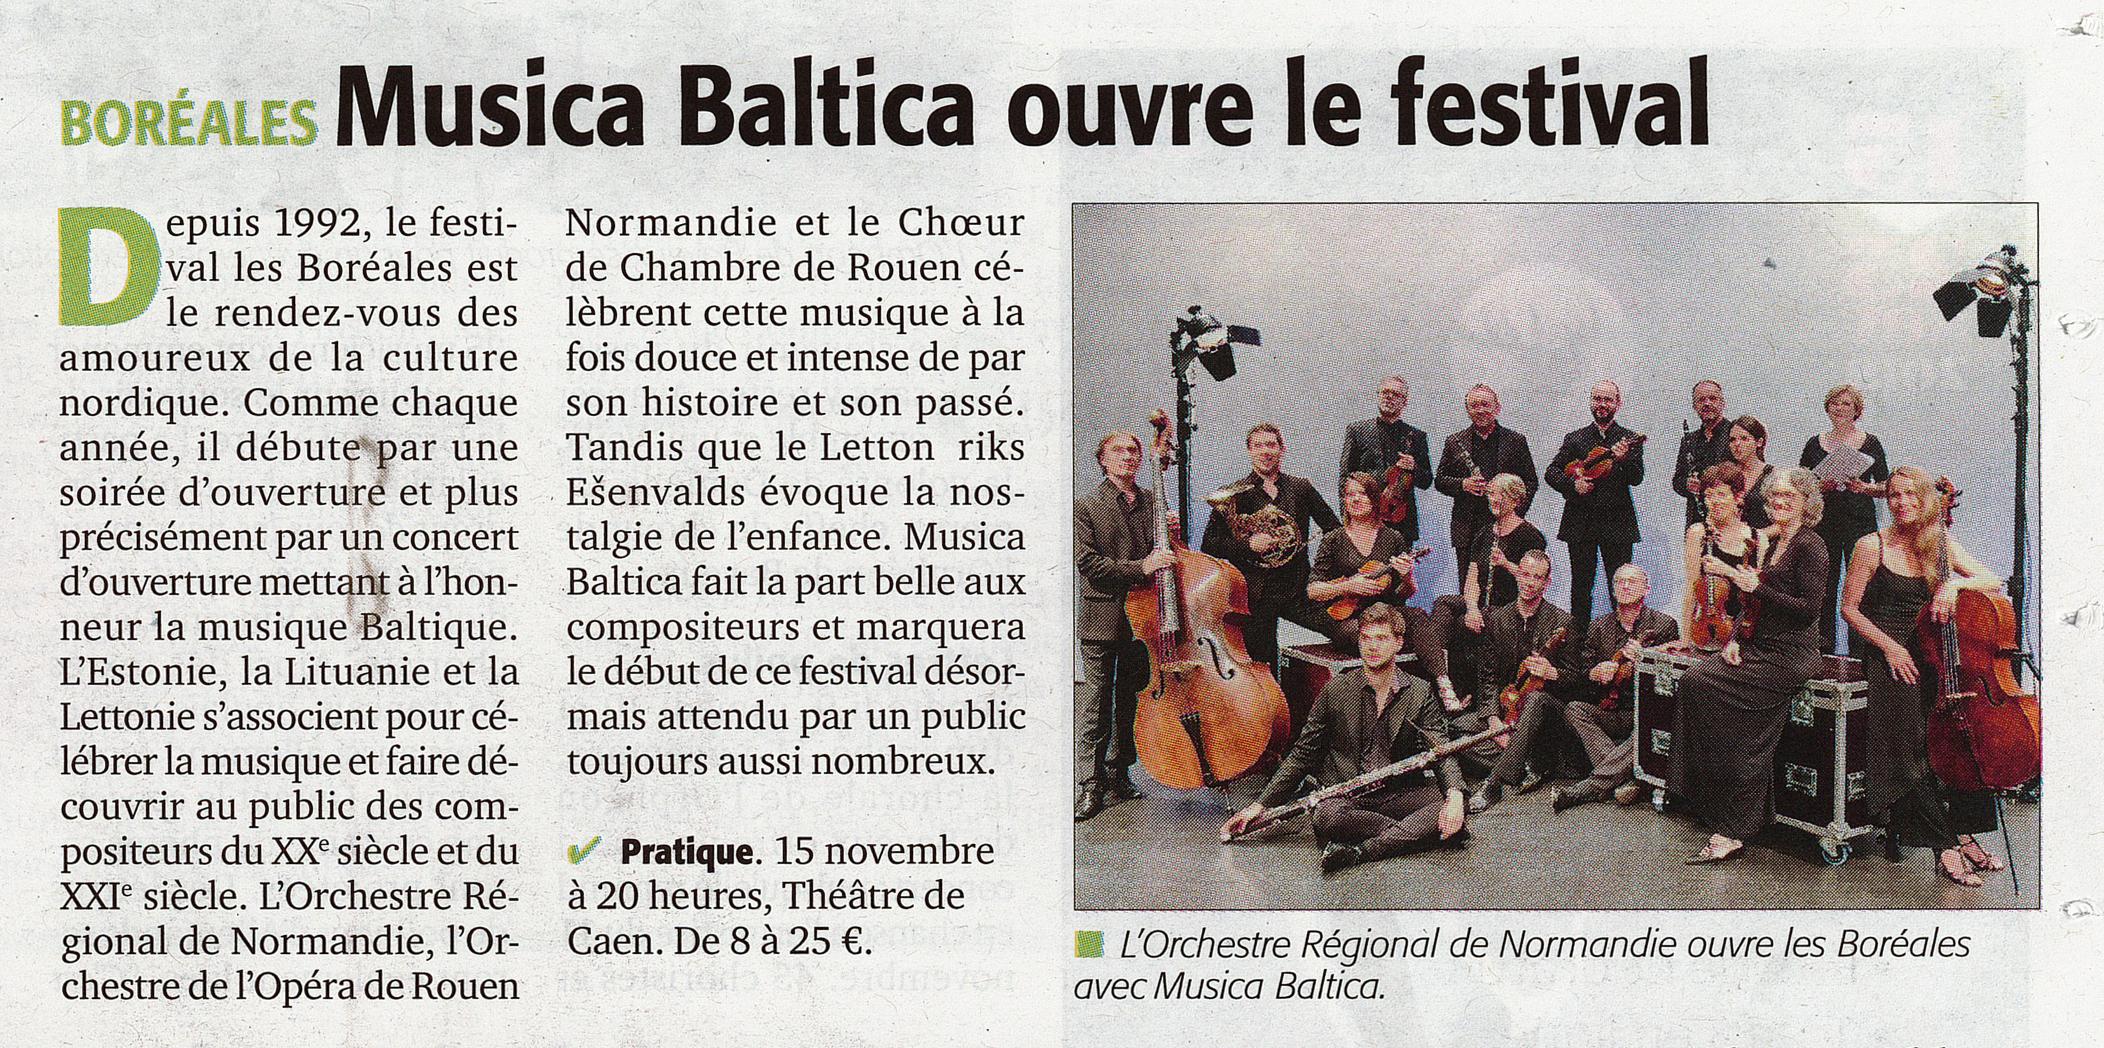 08-11-18 Tendance Ouest_Musica Baltica